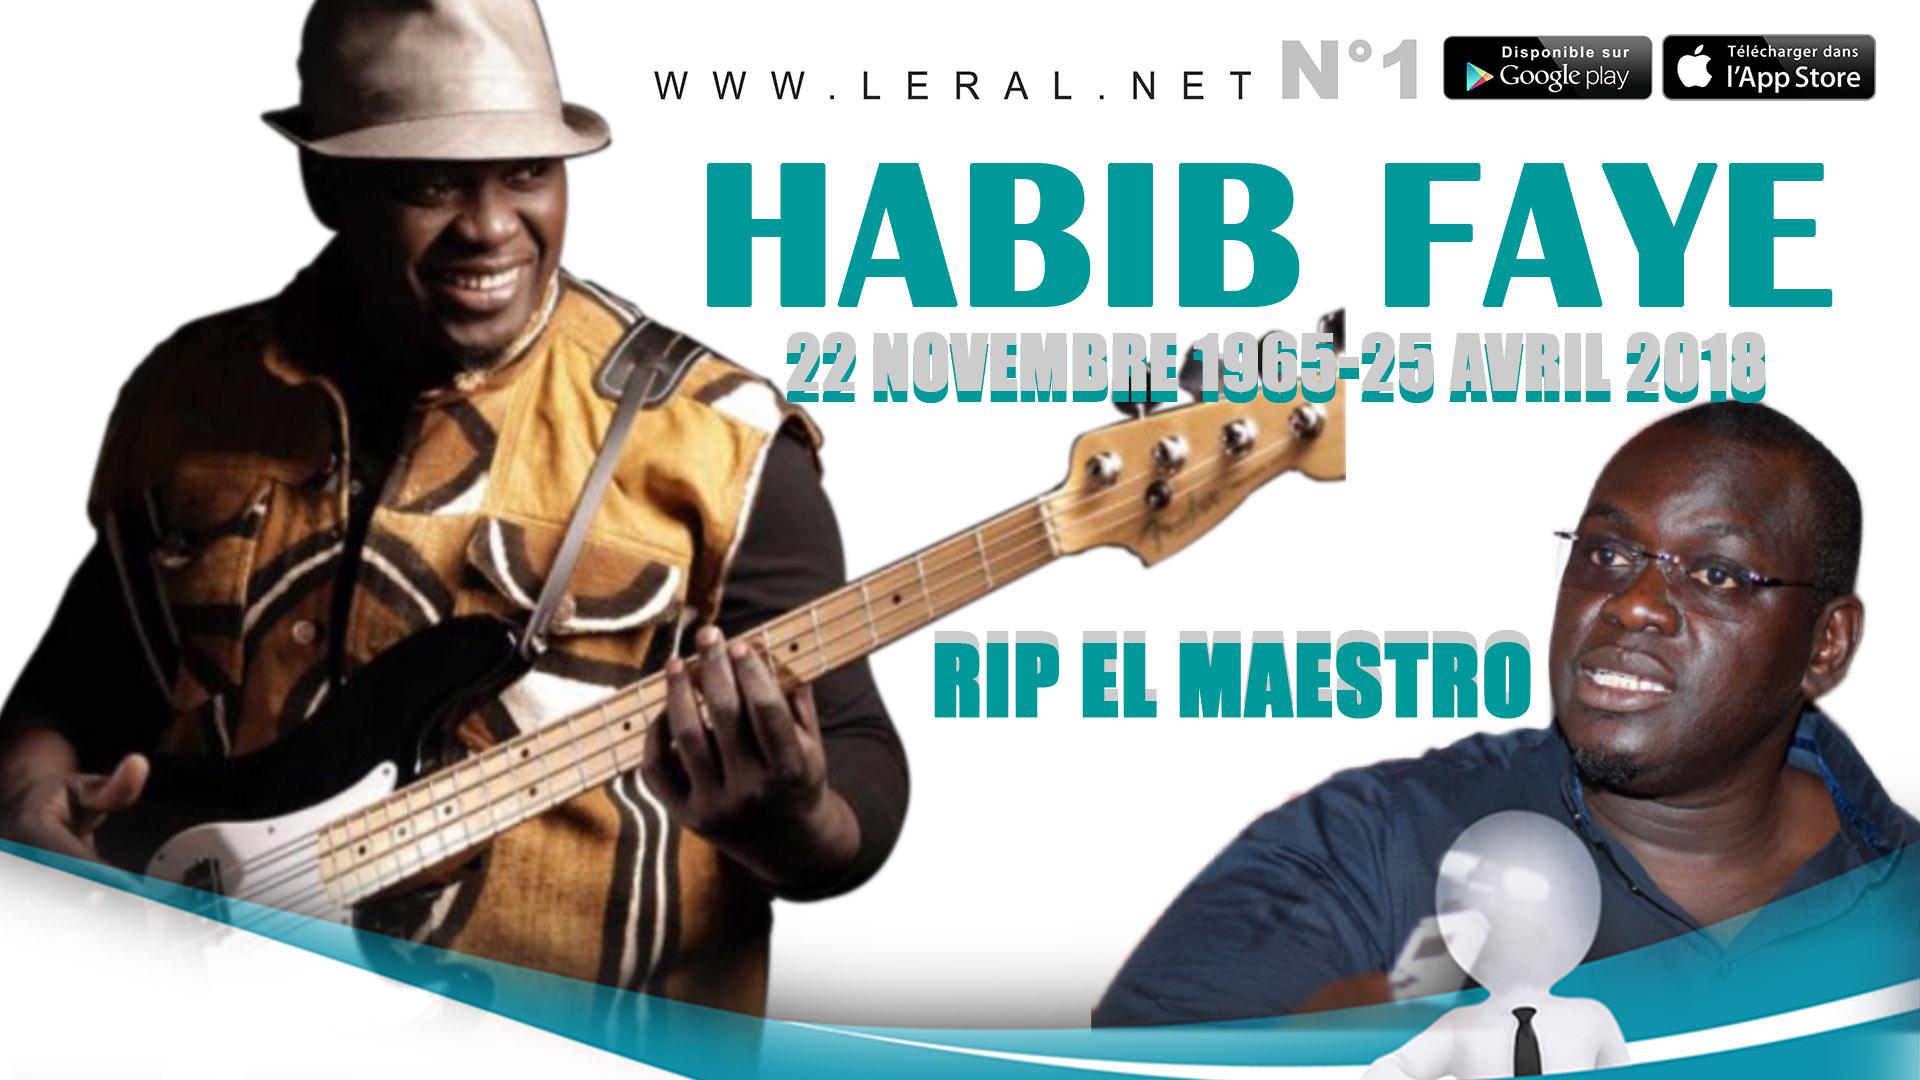 Habib Faye, 22 novembre 1965 - 25 avril 2018, RIP El Maestro